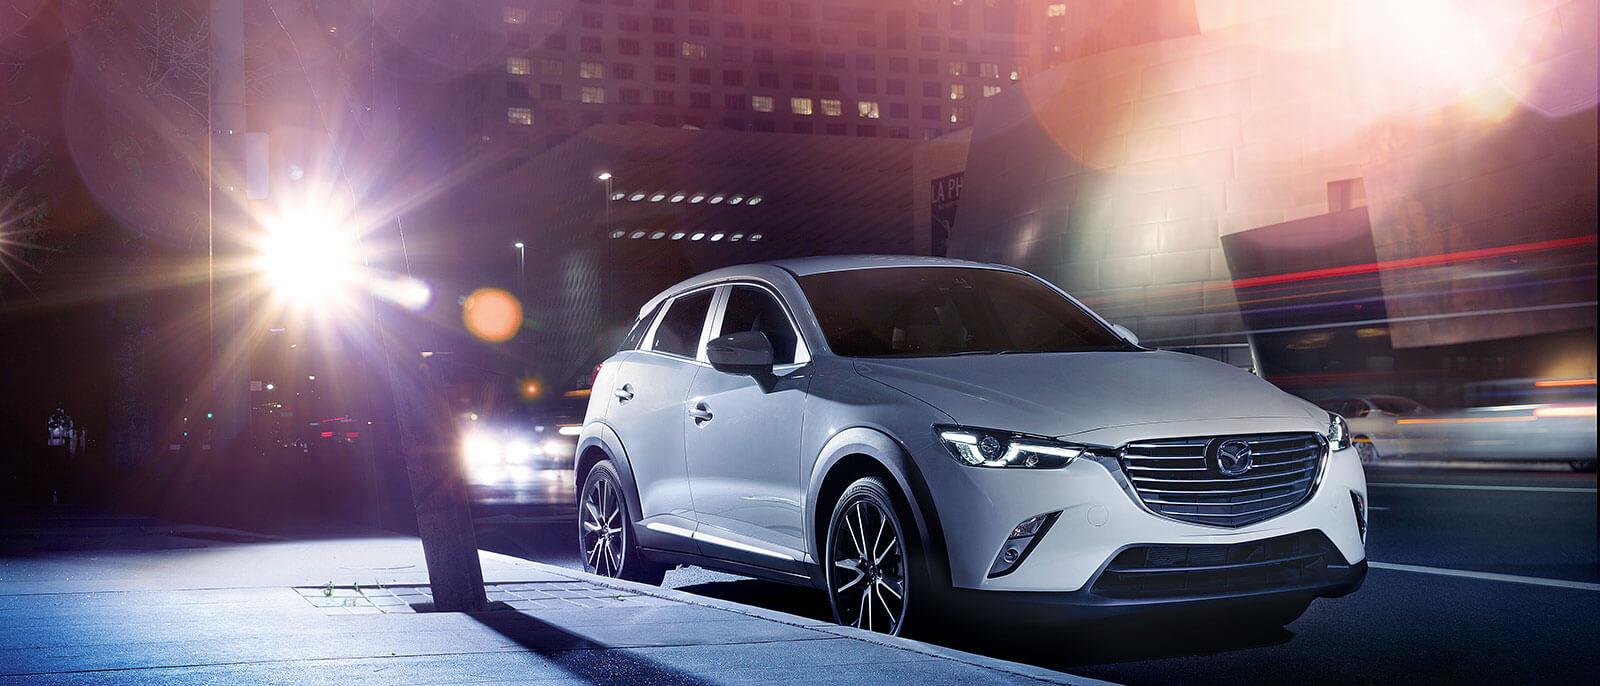 2017 Mazda CX-3 in the city